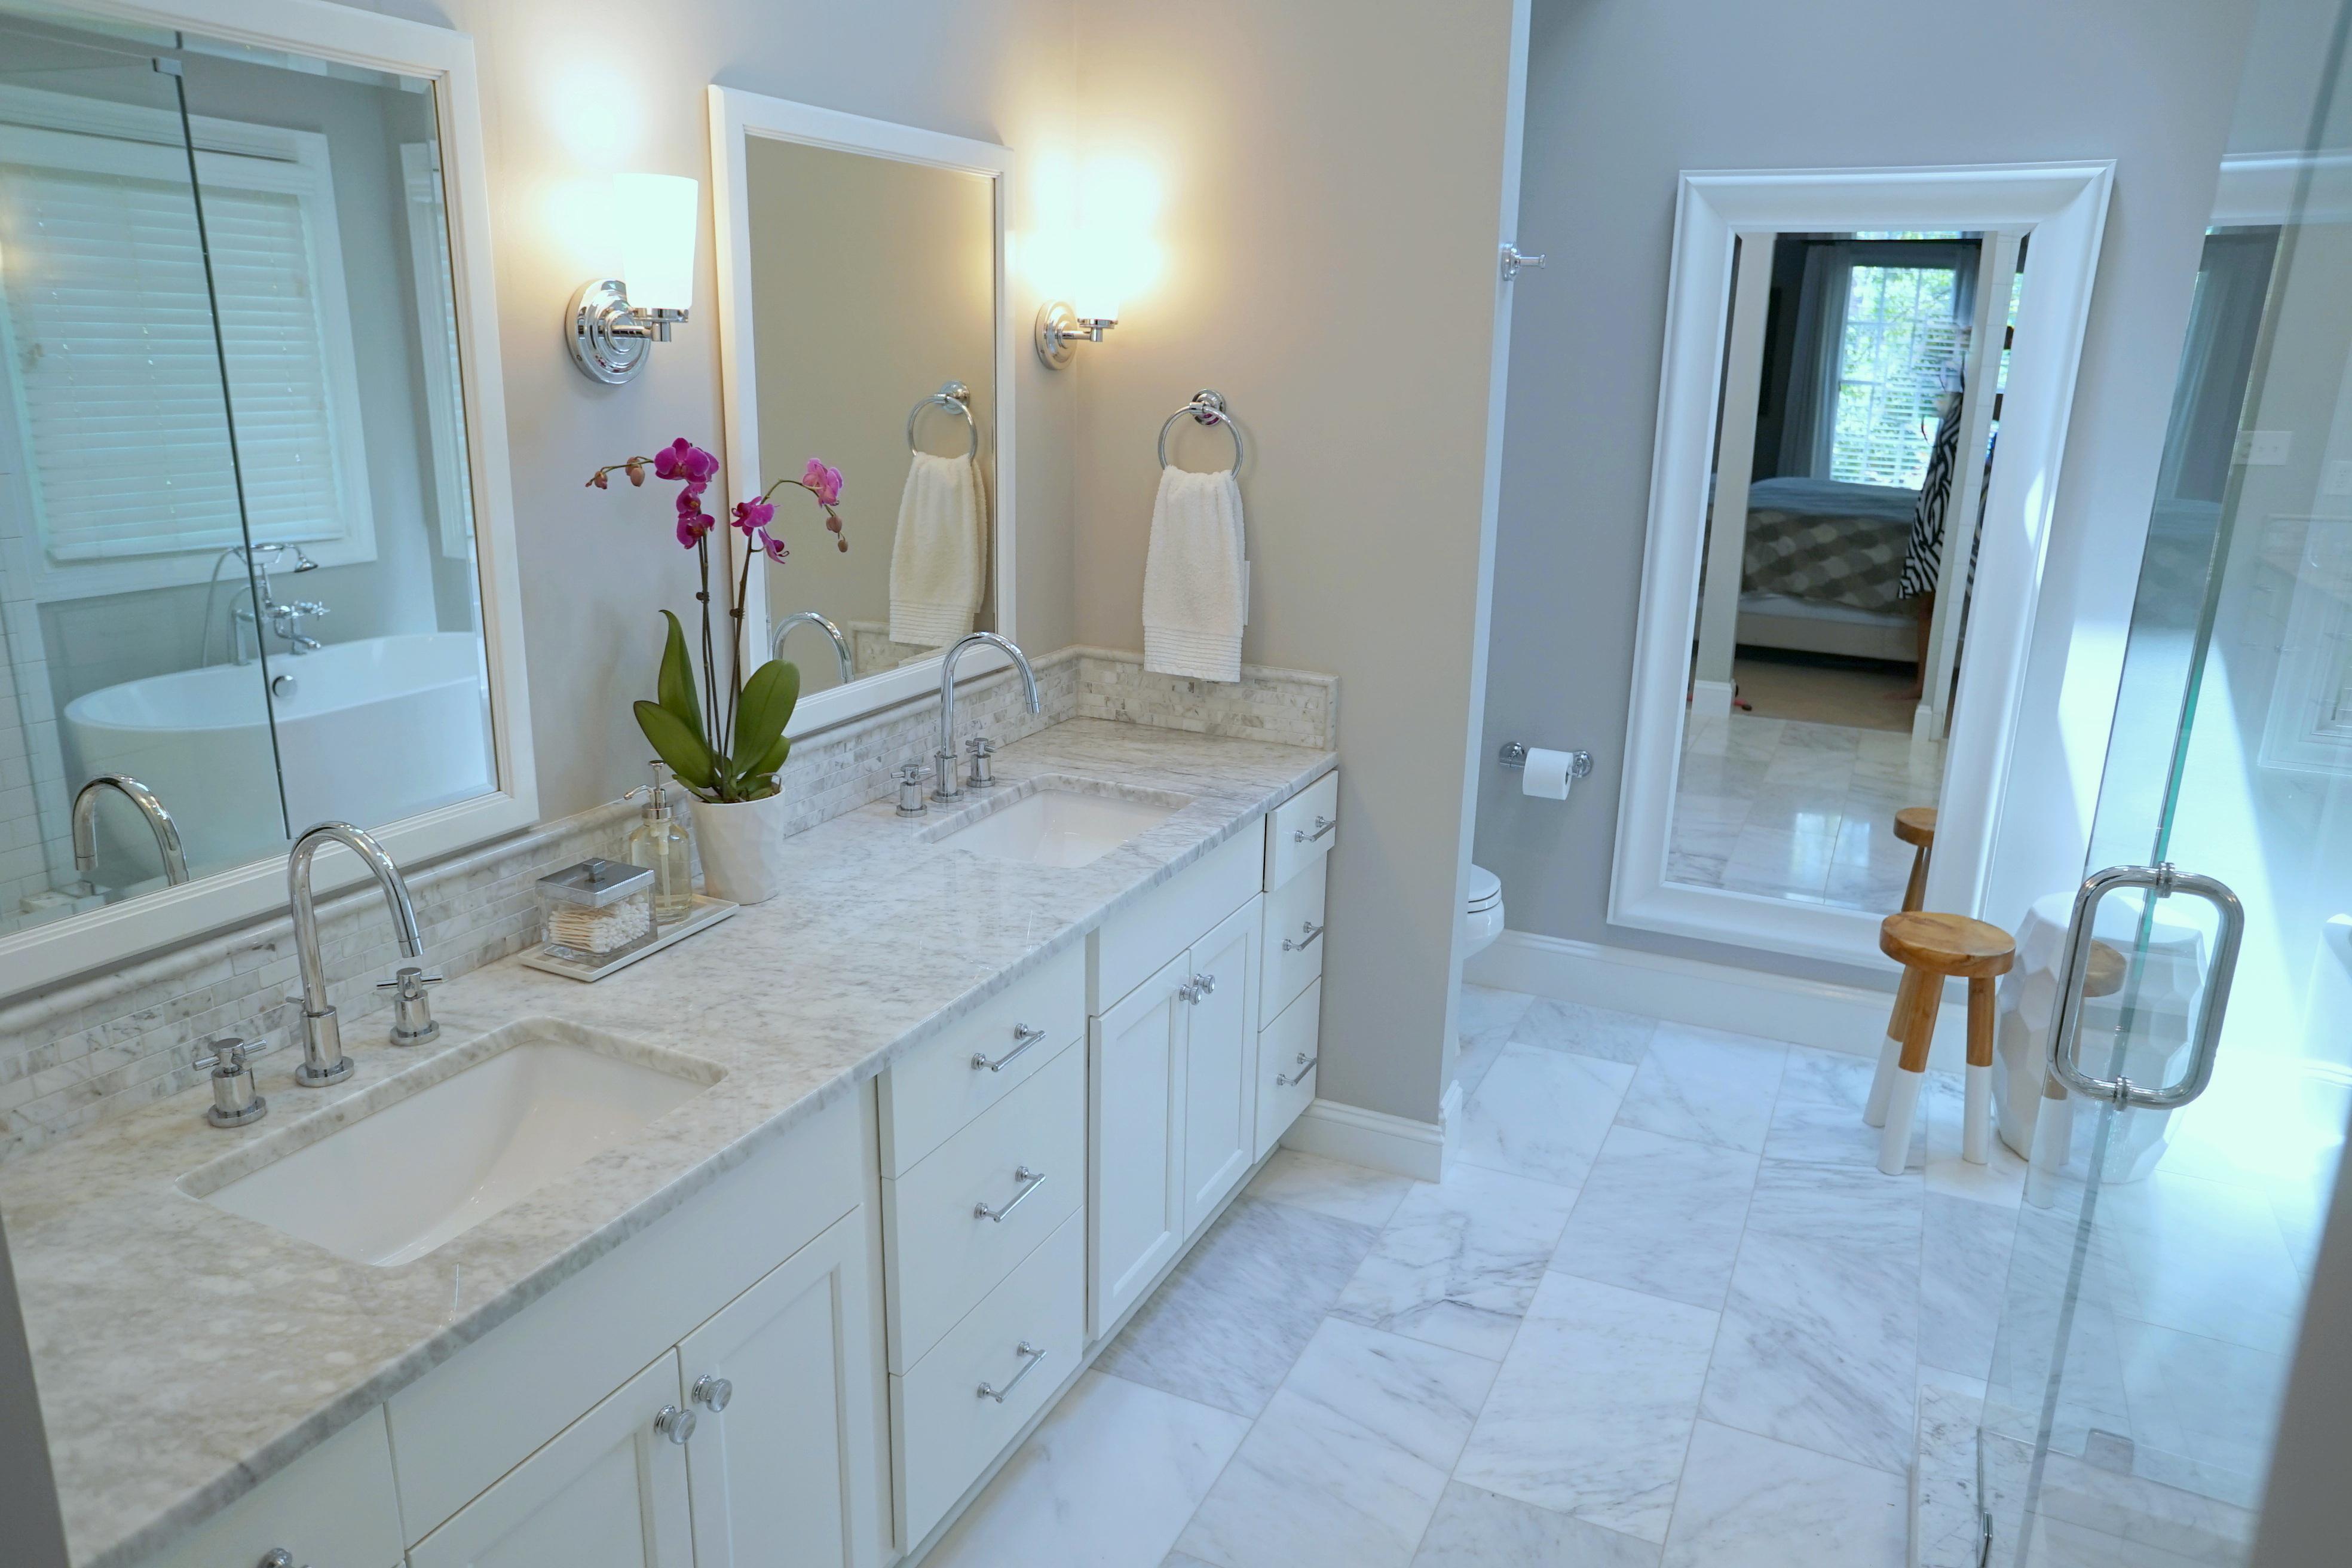 Best Kitchen Gallery: Bathroom Remodeling Pictures Trendmark Inc of Bathroom Remodeling Photo Gallery on rachelxblog.com